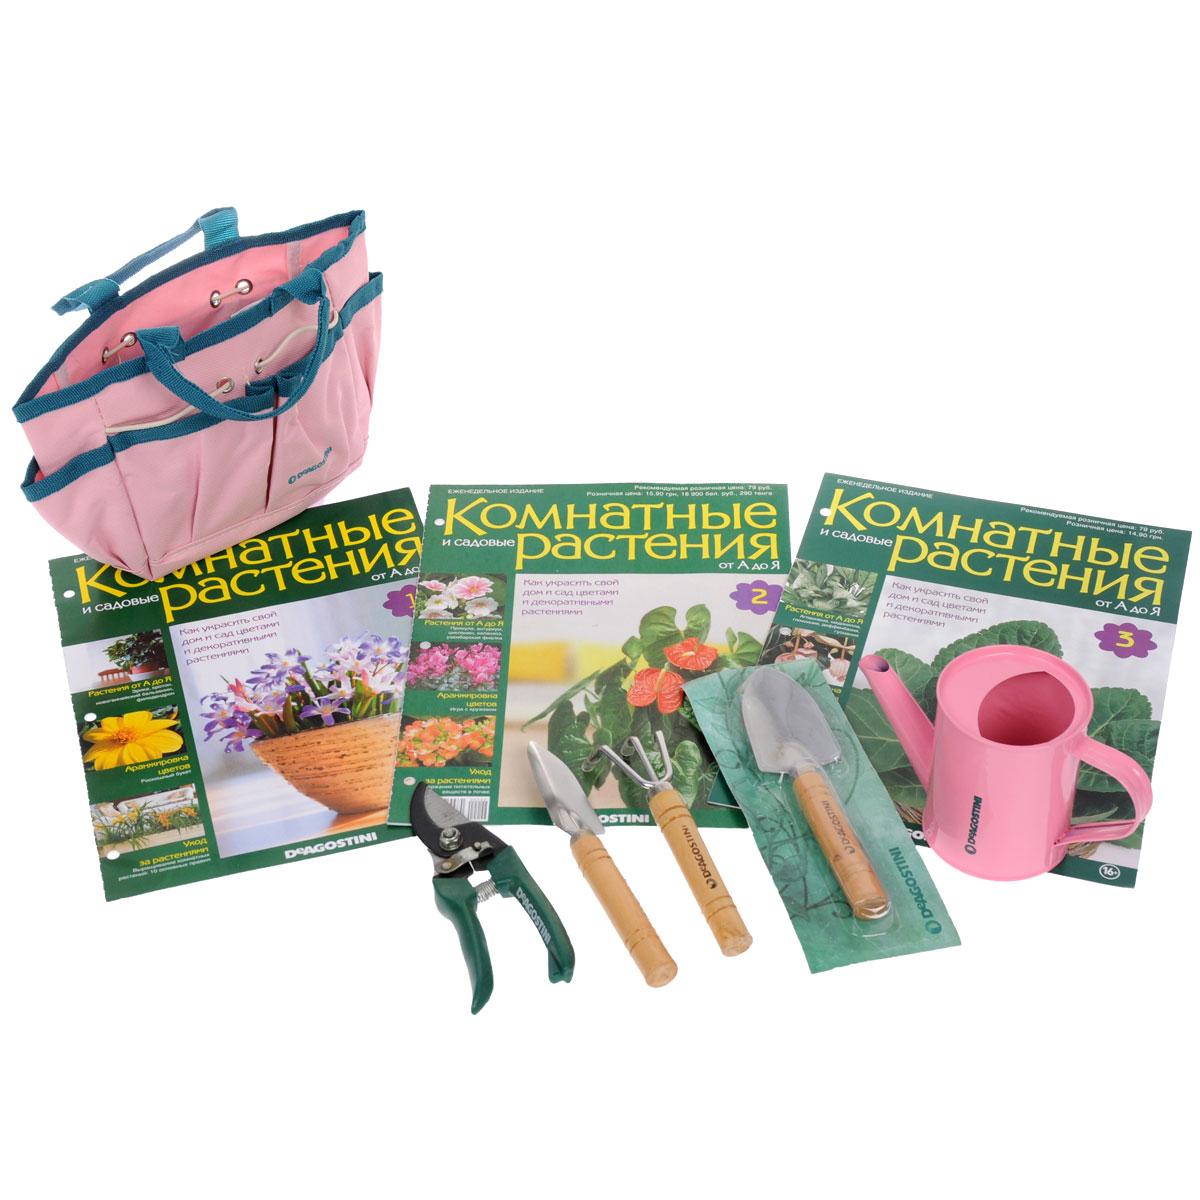 Набор Комнатные и садовые растения. От А до ЯJP015CMCДанный номер журнала Комнатные и садовые растения расскажет вам, как украсить свой дом и сад цветами и декоративными растениями. Издание сопровождается набором инструментов: - лейкой 9,5 х 7 х 7 см, - секатором 17 см, - граблями 15 см, - 2 лопатки длиной 17 см, а также чехлом для их хранения. Категория 16+.